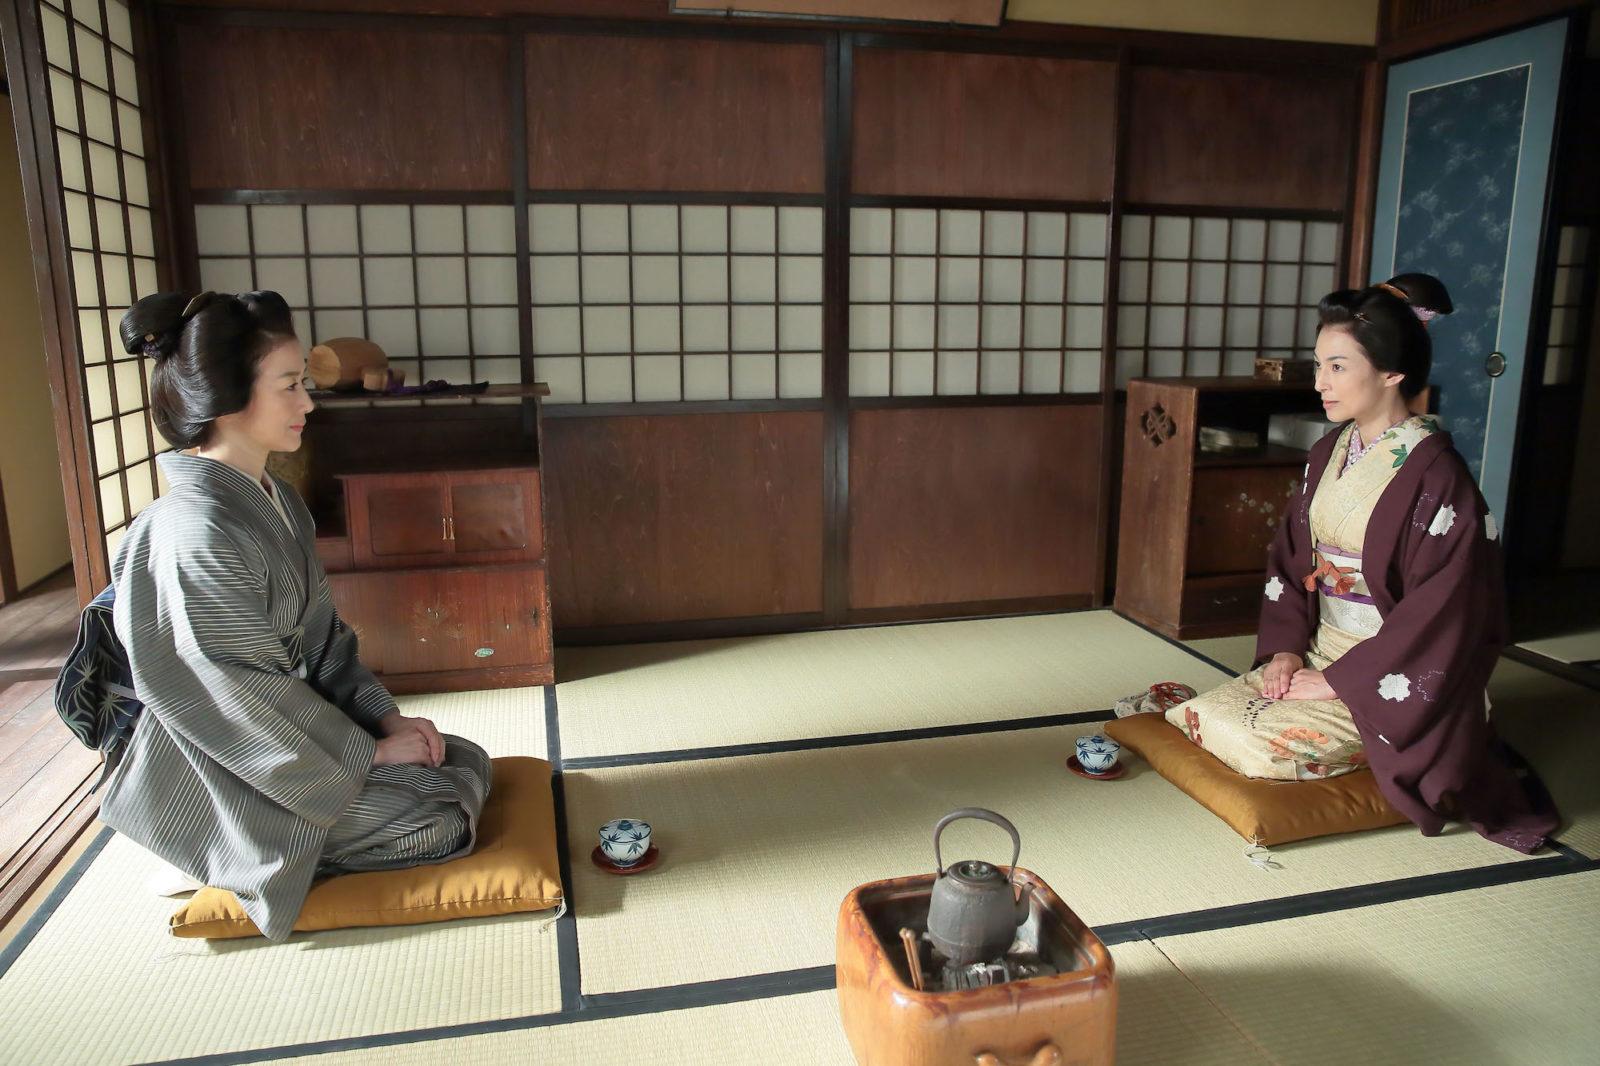 """NHK連続テレビ小説「わろてんか」鈴木保奈美・鈴木京香の母親""""鈴木""""対決に絶賛の声「かっこよかった…」「ゾクゾクしました」サムネイル画像"""